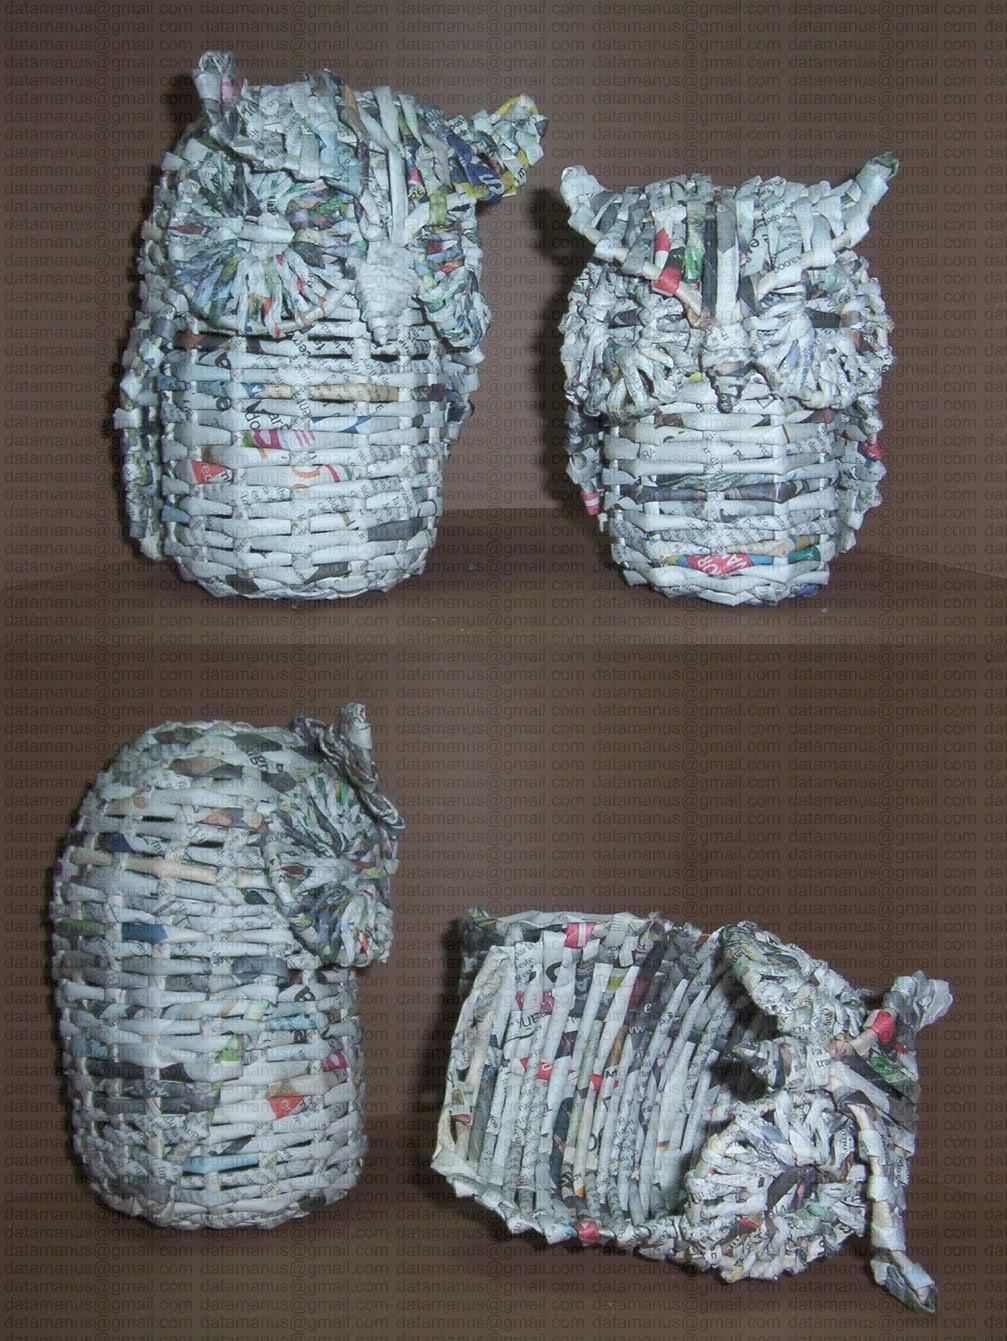 C mo reciclar papel de diario y hacer cosas para la casa - Manualidades para realizar en casa ...